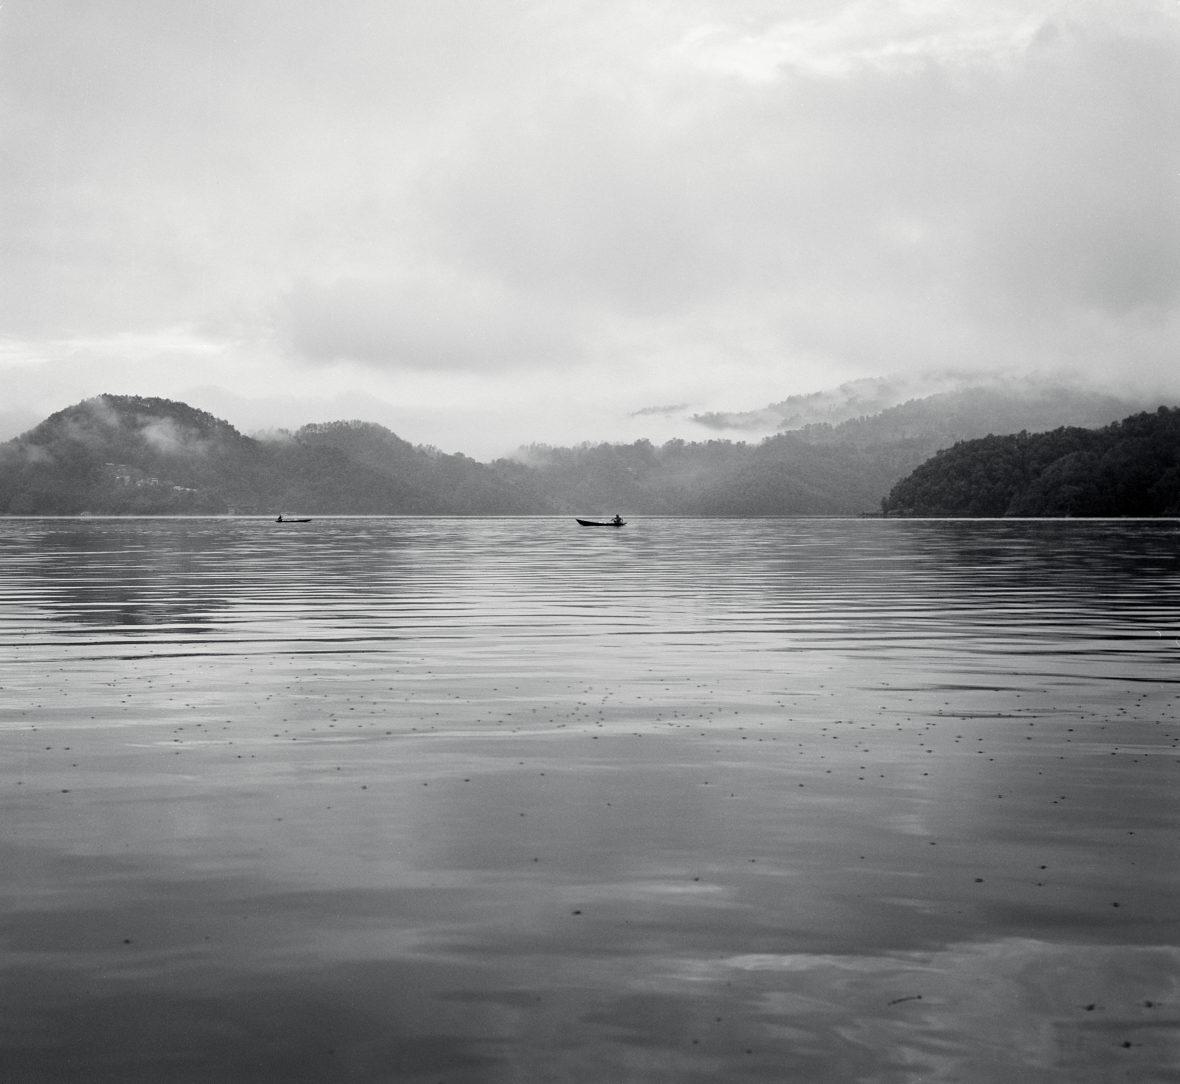 Kalastajat järvellä – Fishermen at the Lake